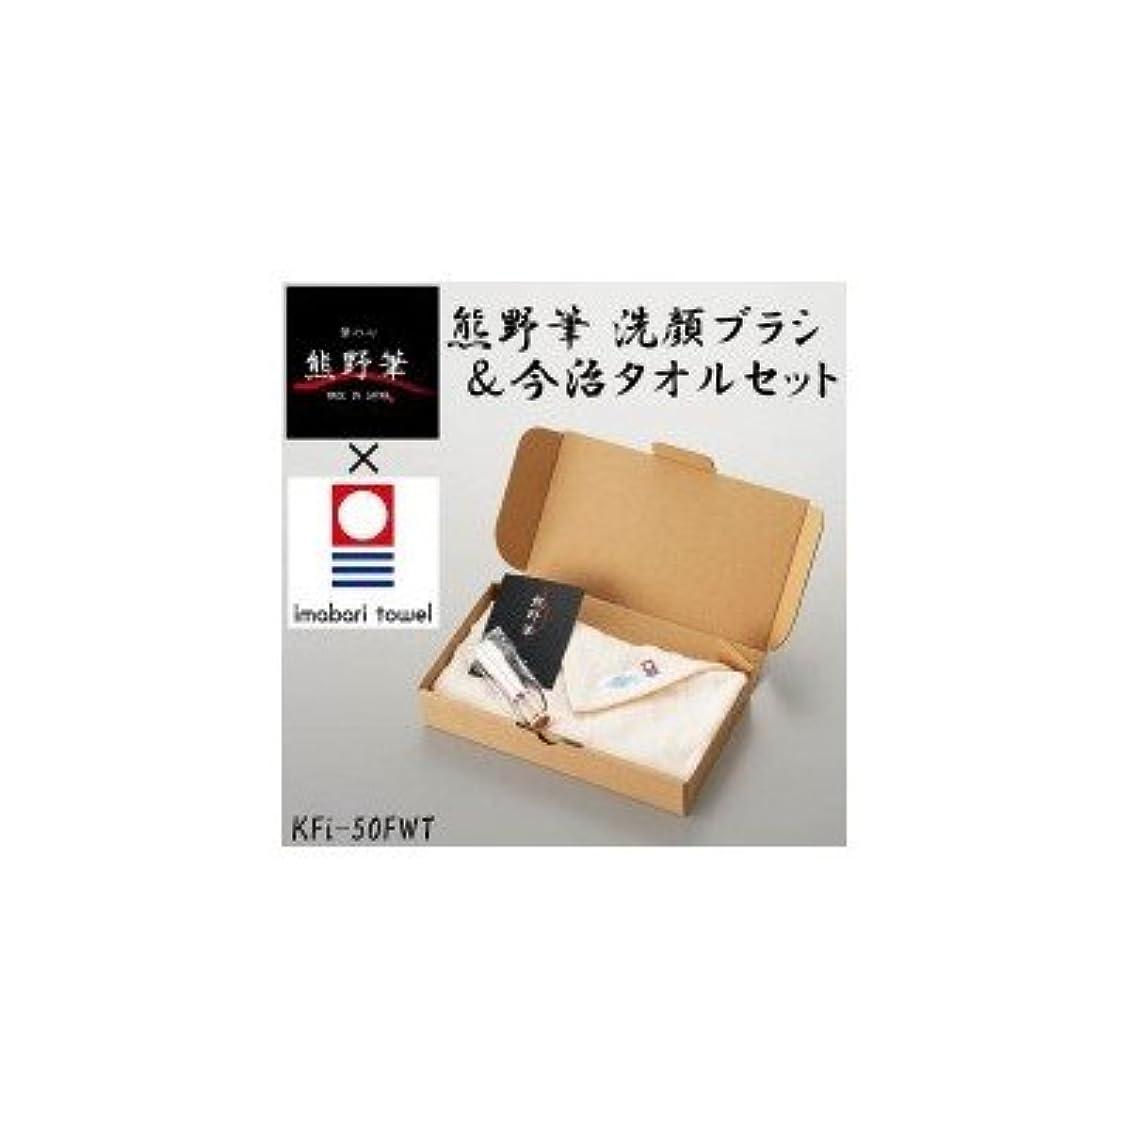 メタルラインクラックポット崇拝します熊野筆と今治タオルのコラボレーション 熊野筆 洗顔ブラシ&今治タオルセット KFi-50FWT